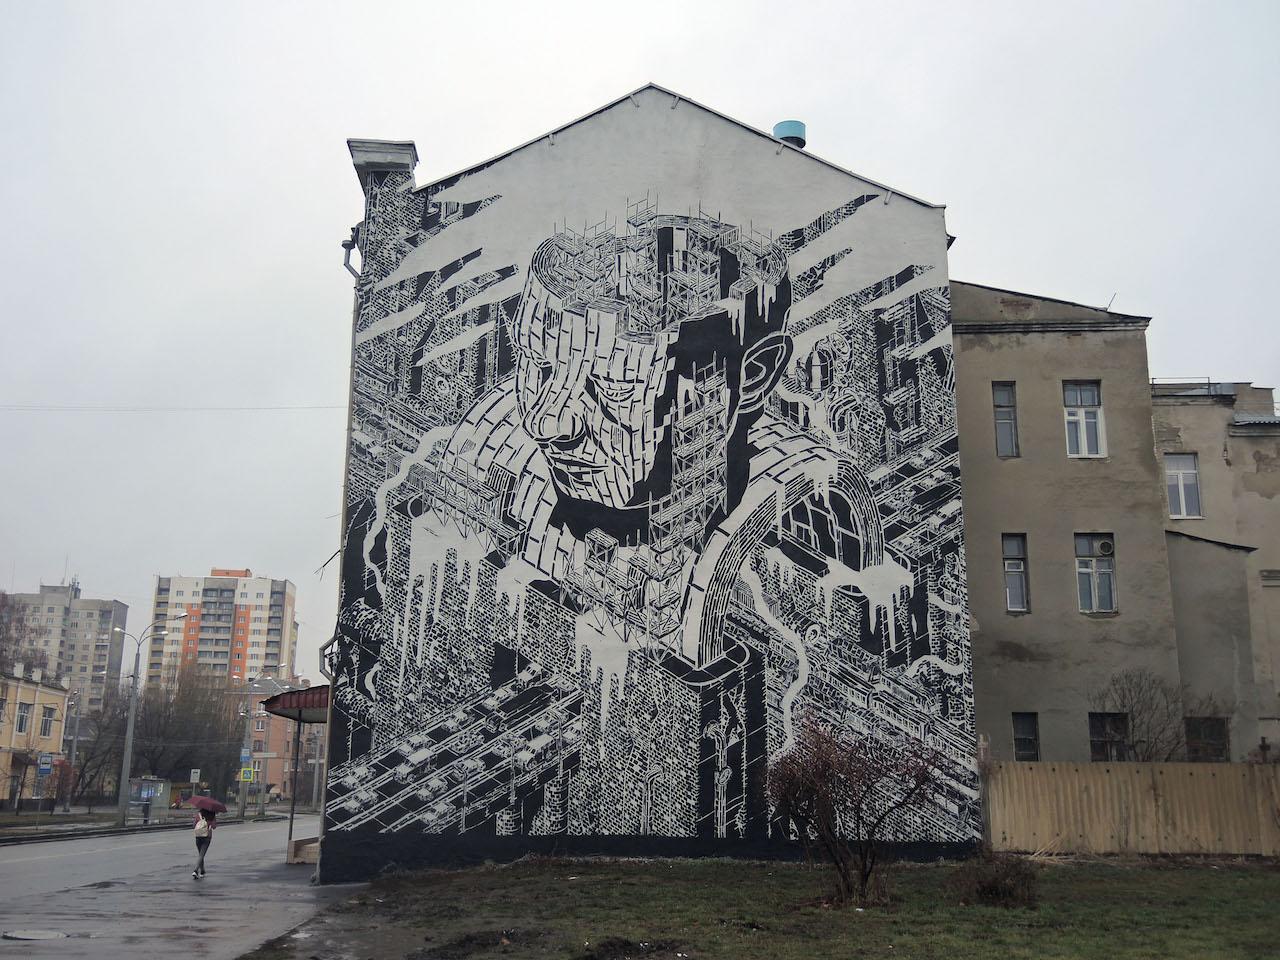 m-city_1010_kharcov_ukraine_02.jpg (342.11 Kb)